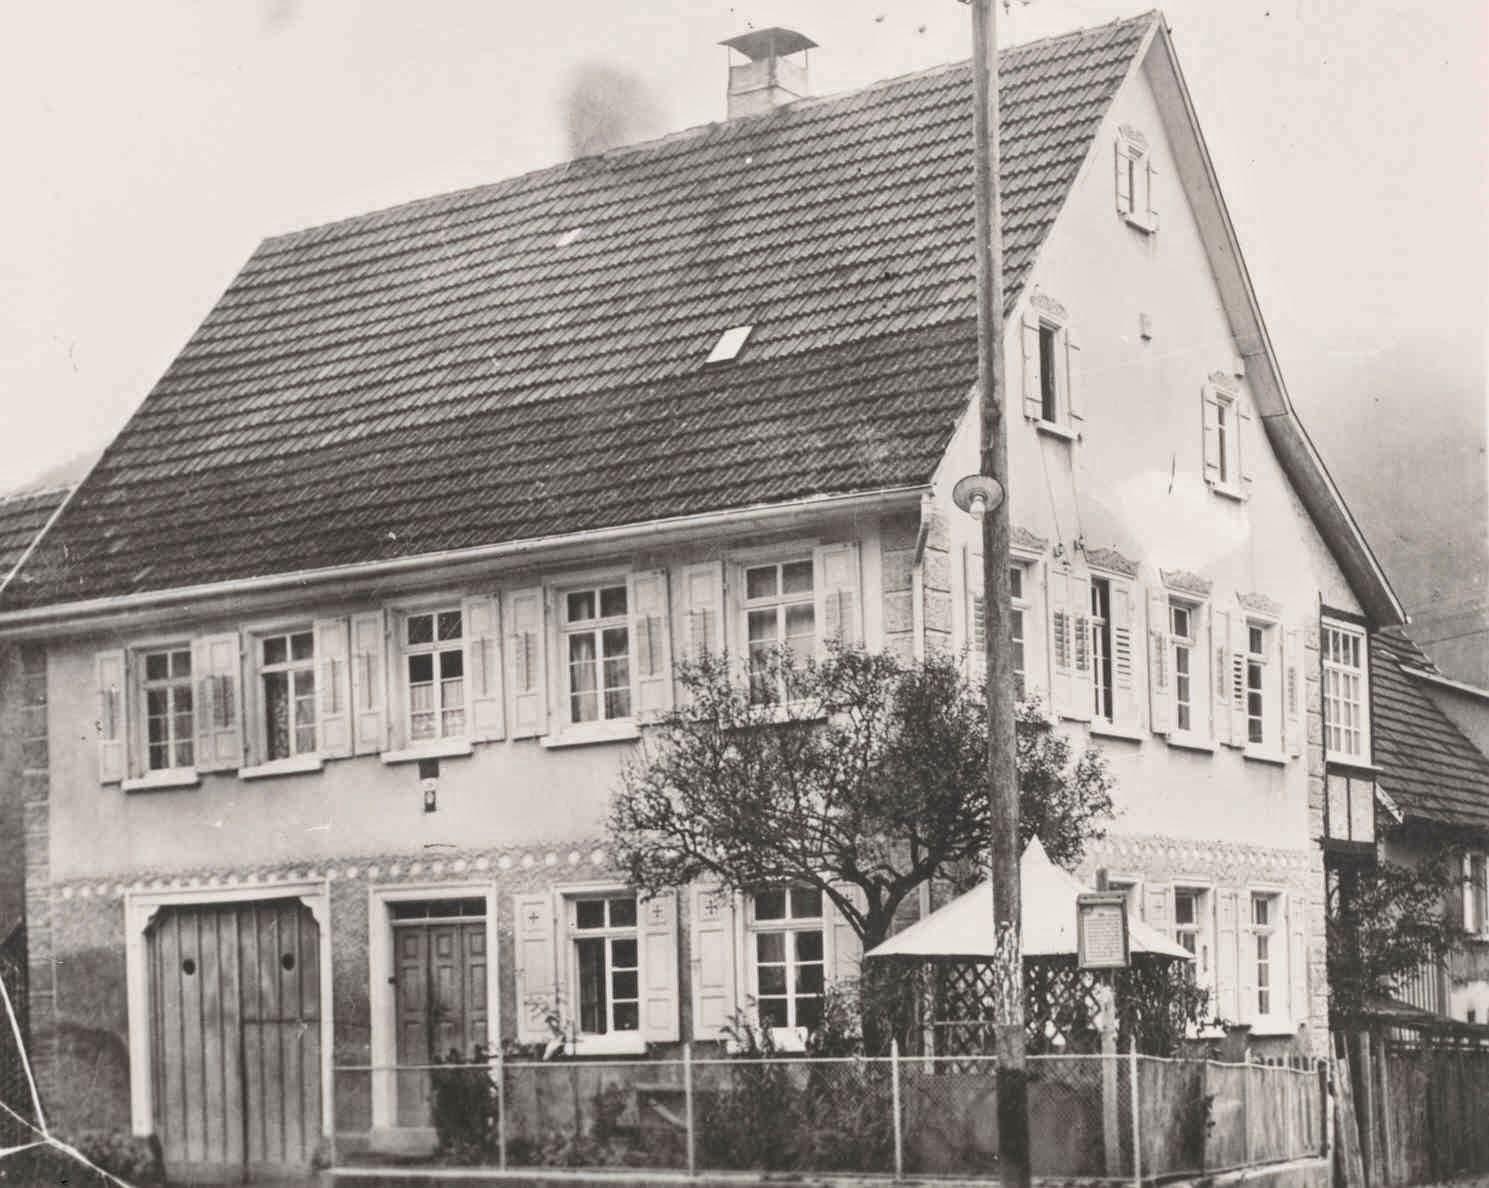 gv lichtenstein wohngeb ude familie glasbrenner unterhausen friedrich list stra e erbaut 1867. Black Bedroom Furniture Sets. Home Design Ideas